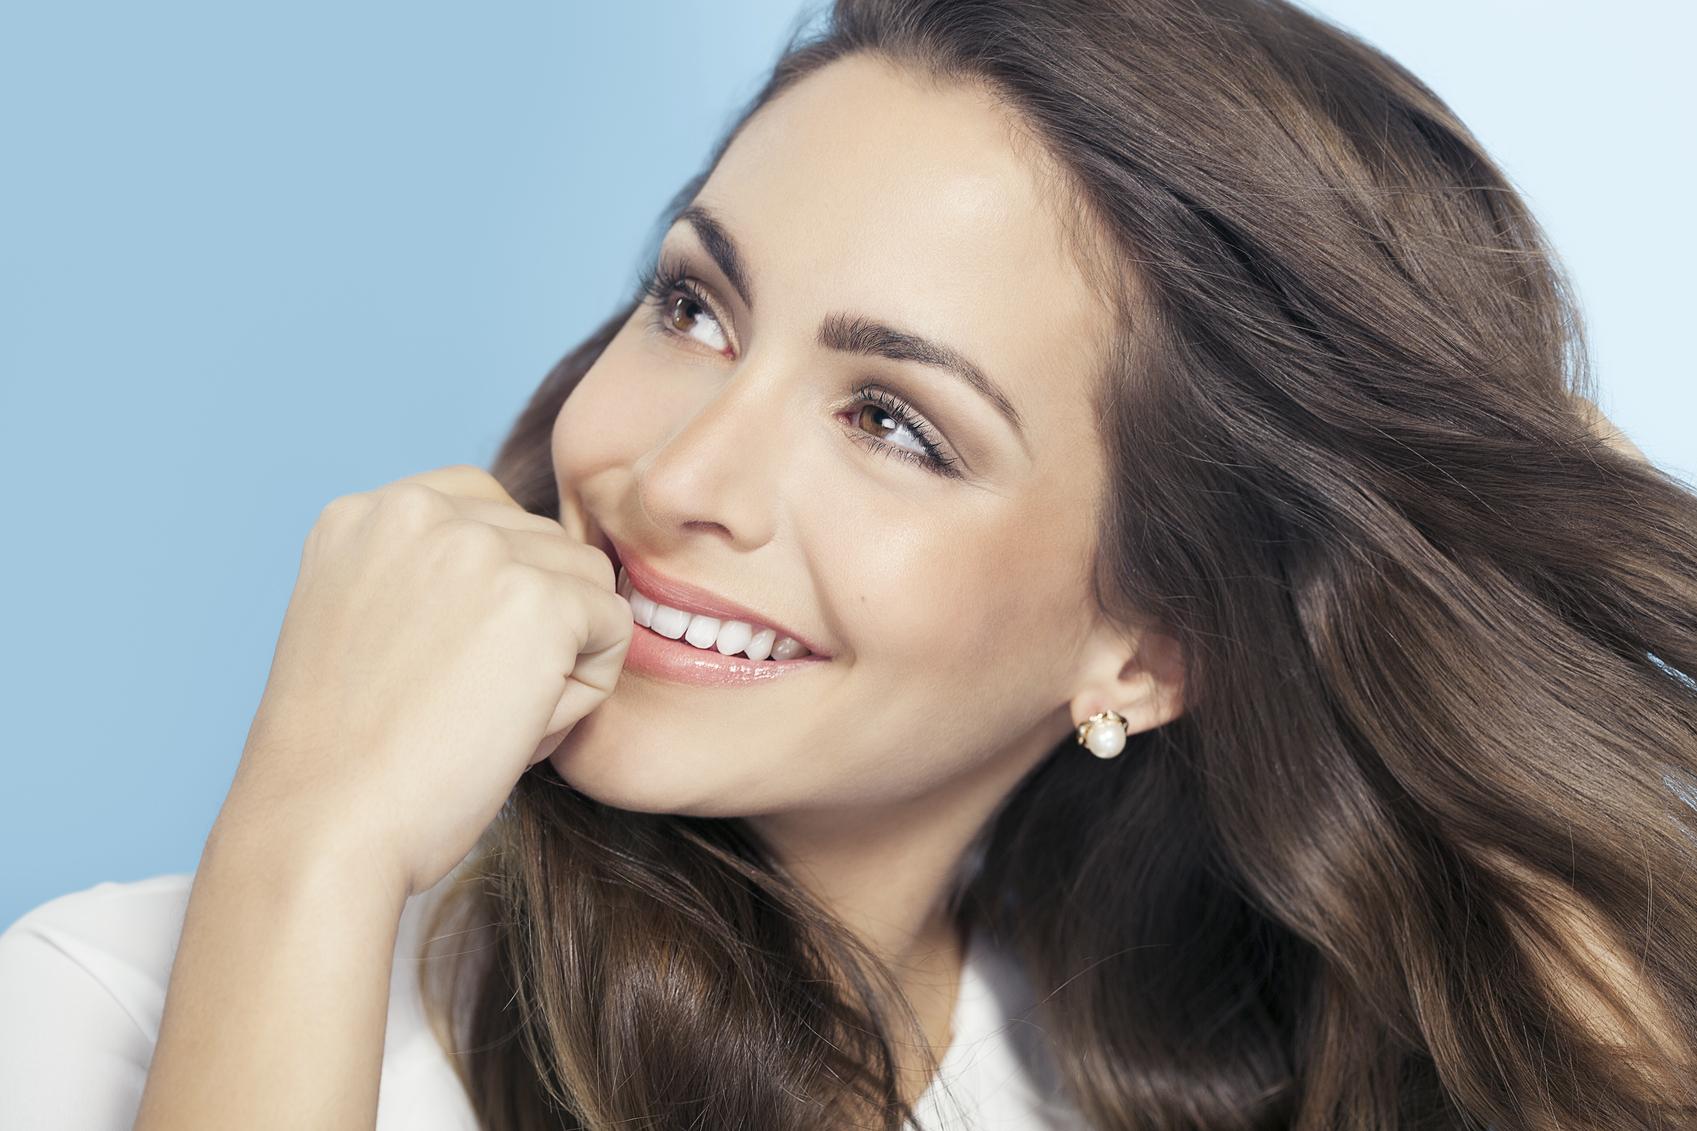 полоски после отбеливания зубов